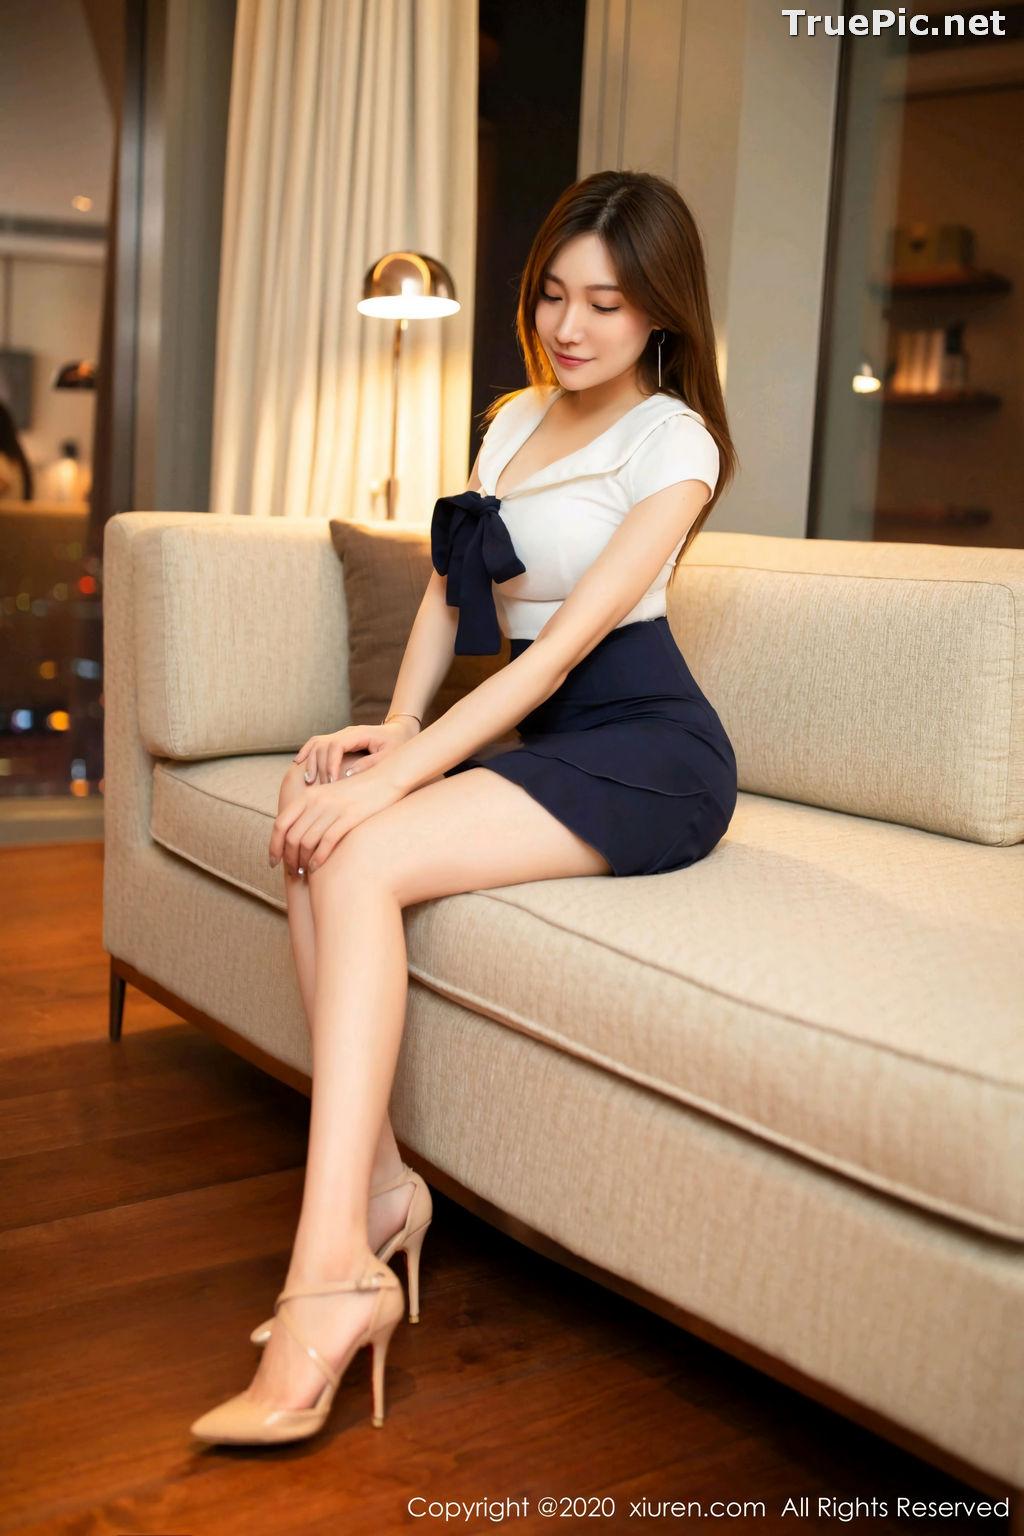 Image XIUREN No.2306 - Chinese Model - Xiao Hu Li (小狐狸Kathryn) - TruePic.net - Picture-6